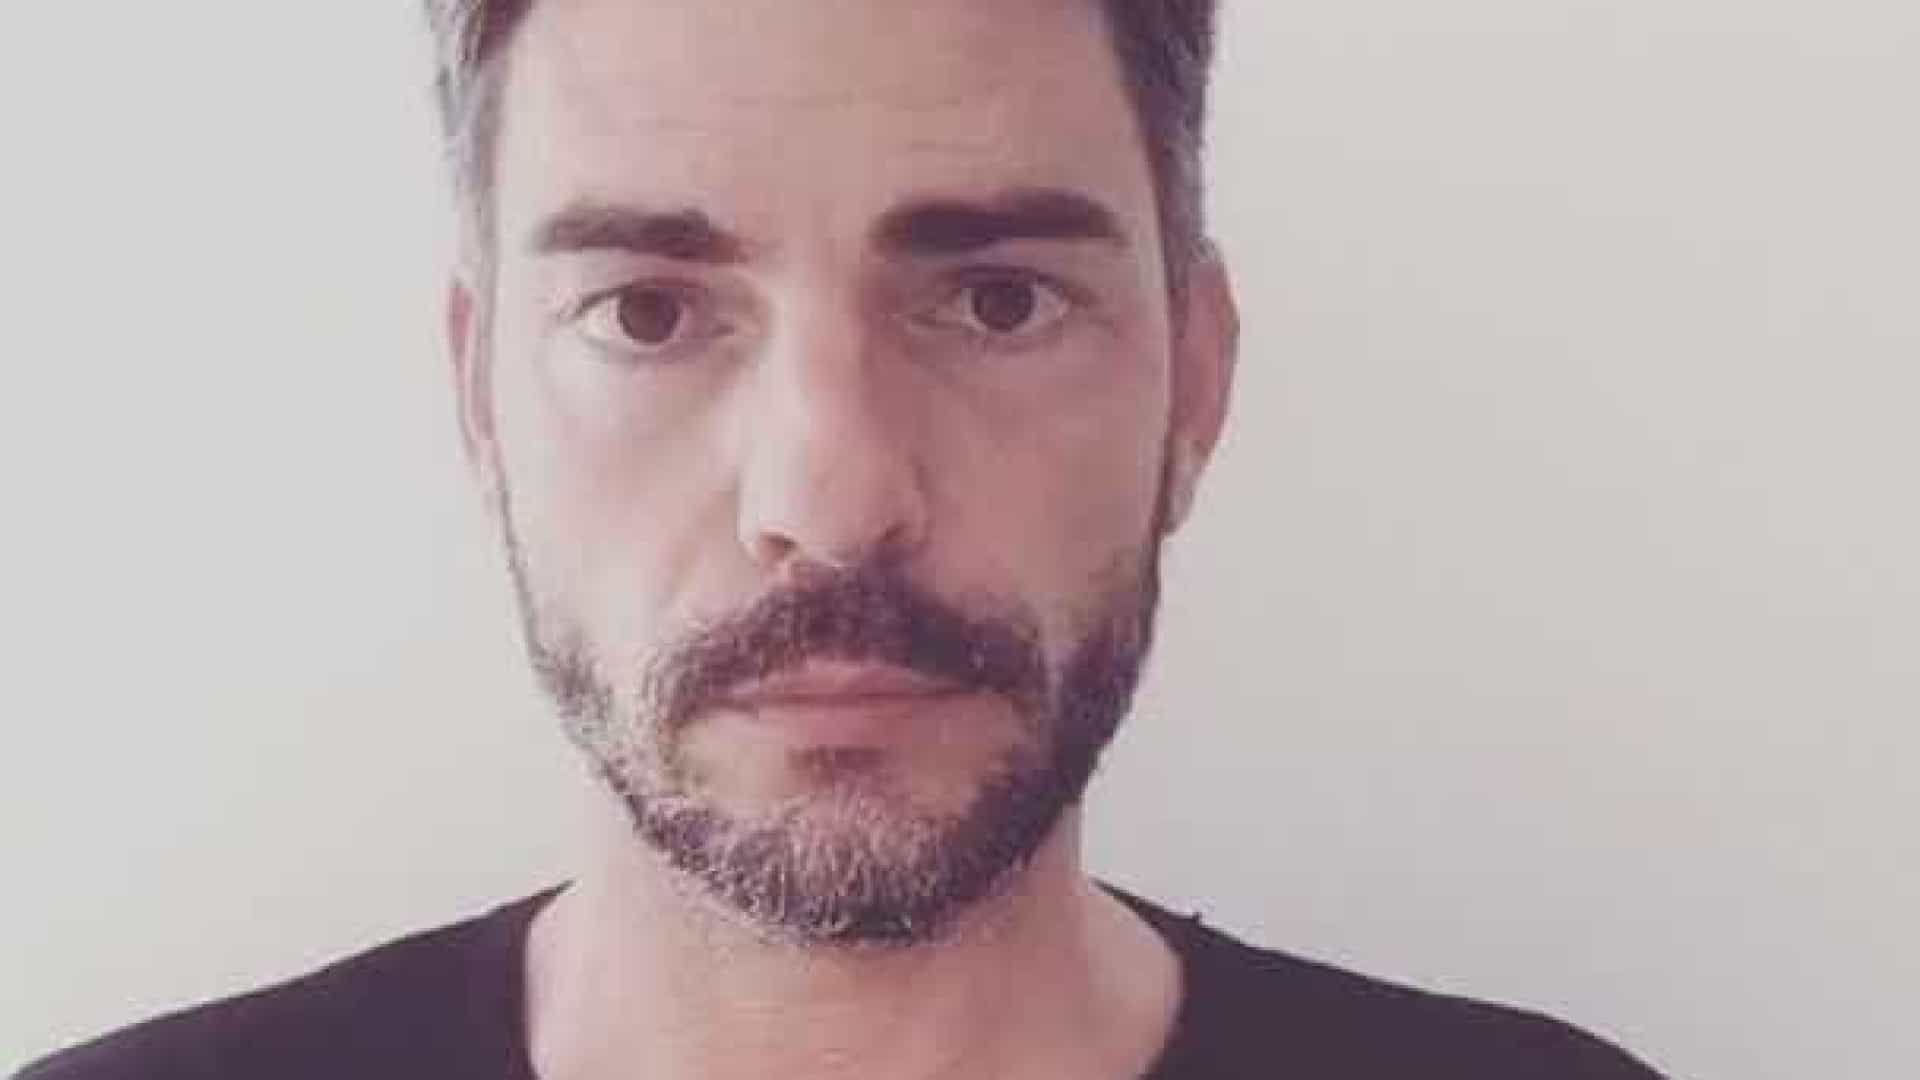 """Cláudio Ramos sobre Pedrógão: """"O que não podemos fazer é ficar quietos"""""""